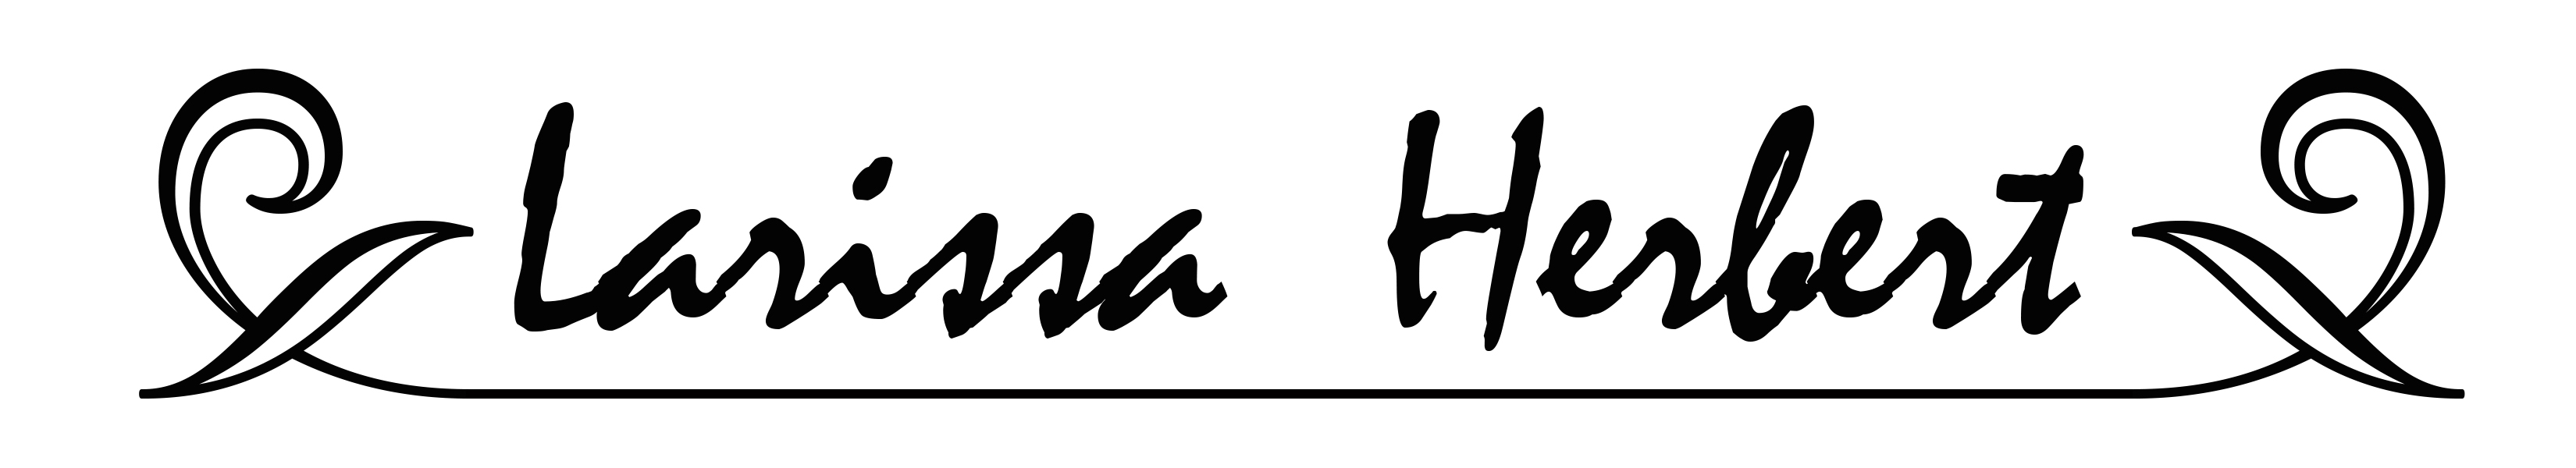 Larissa Herbert's Signature